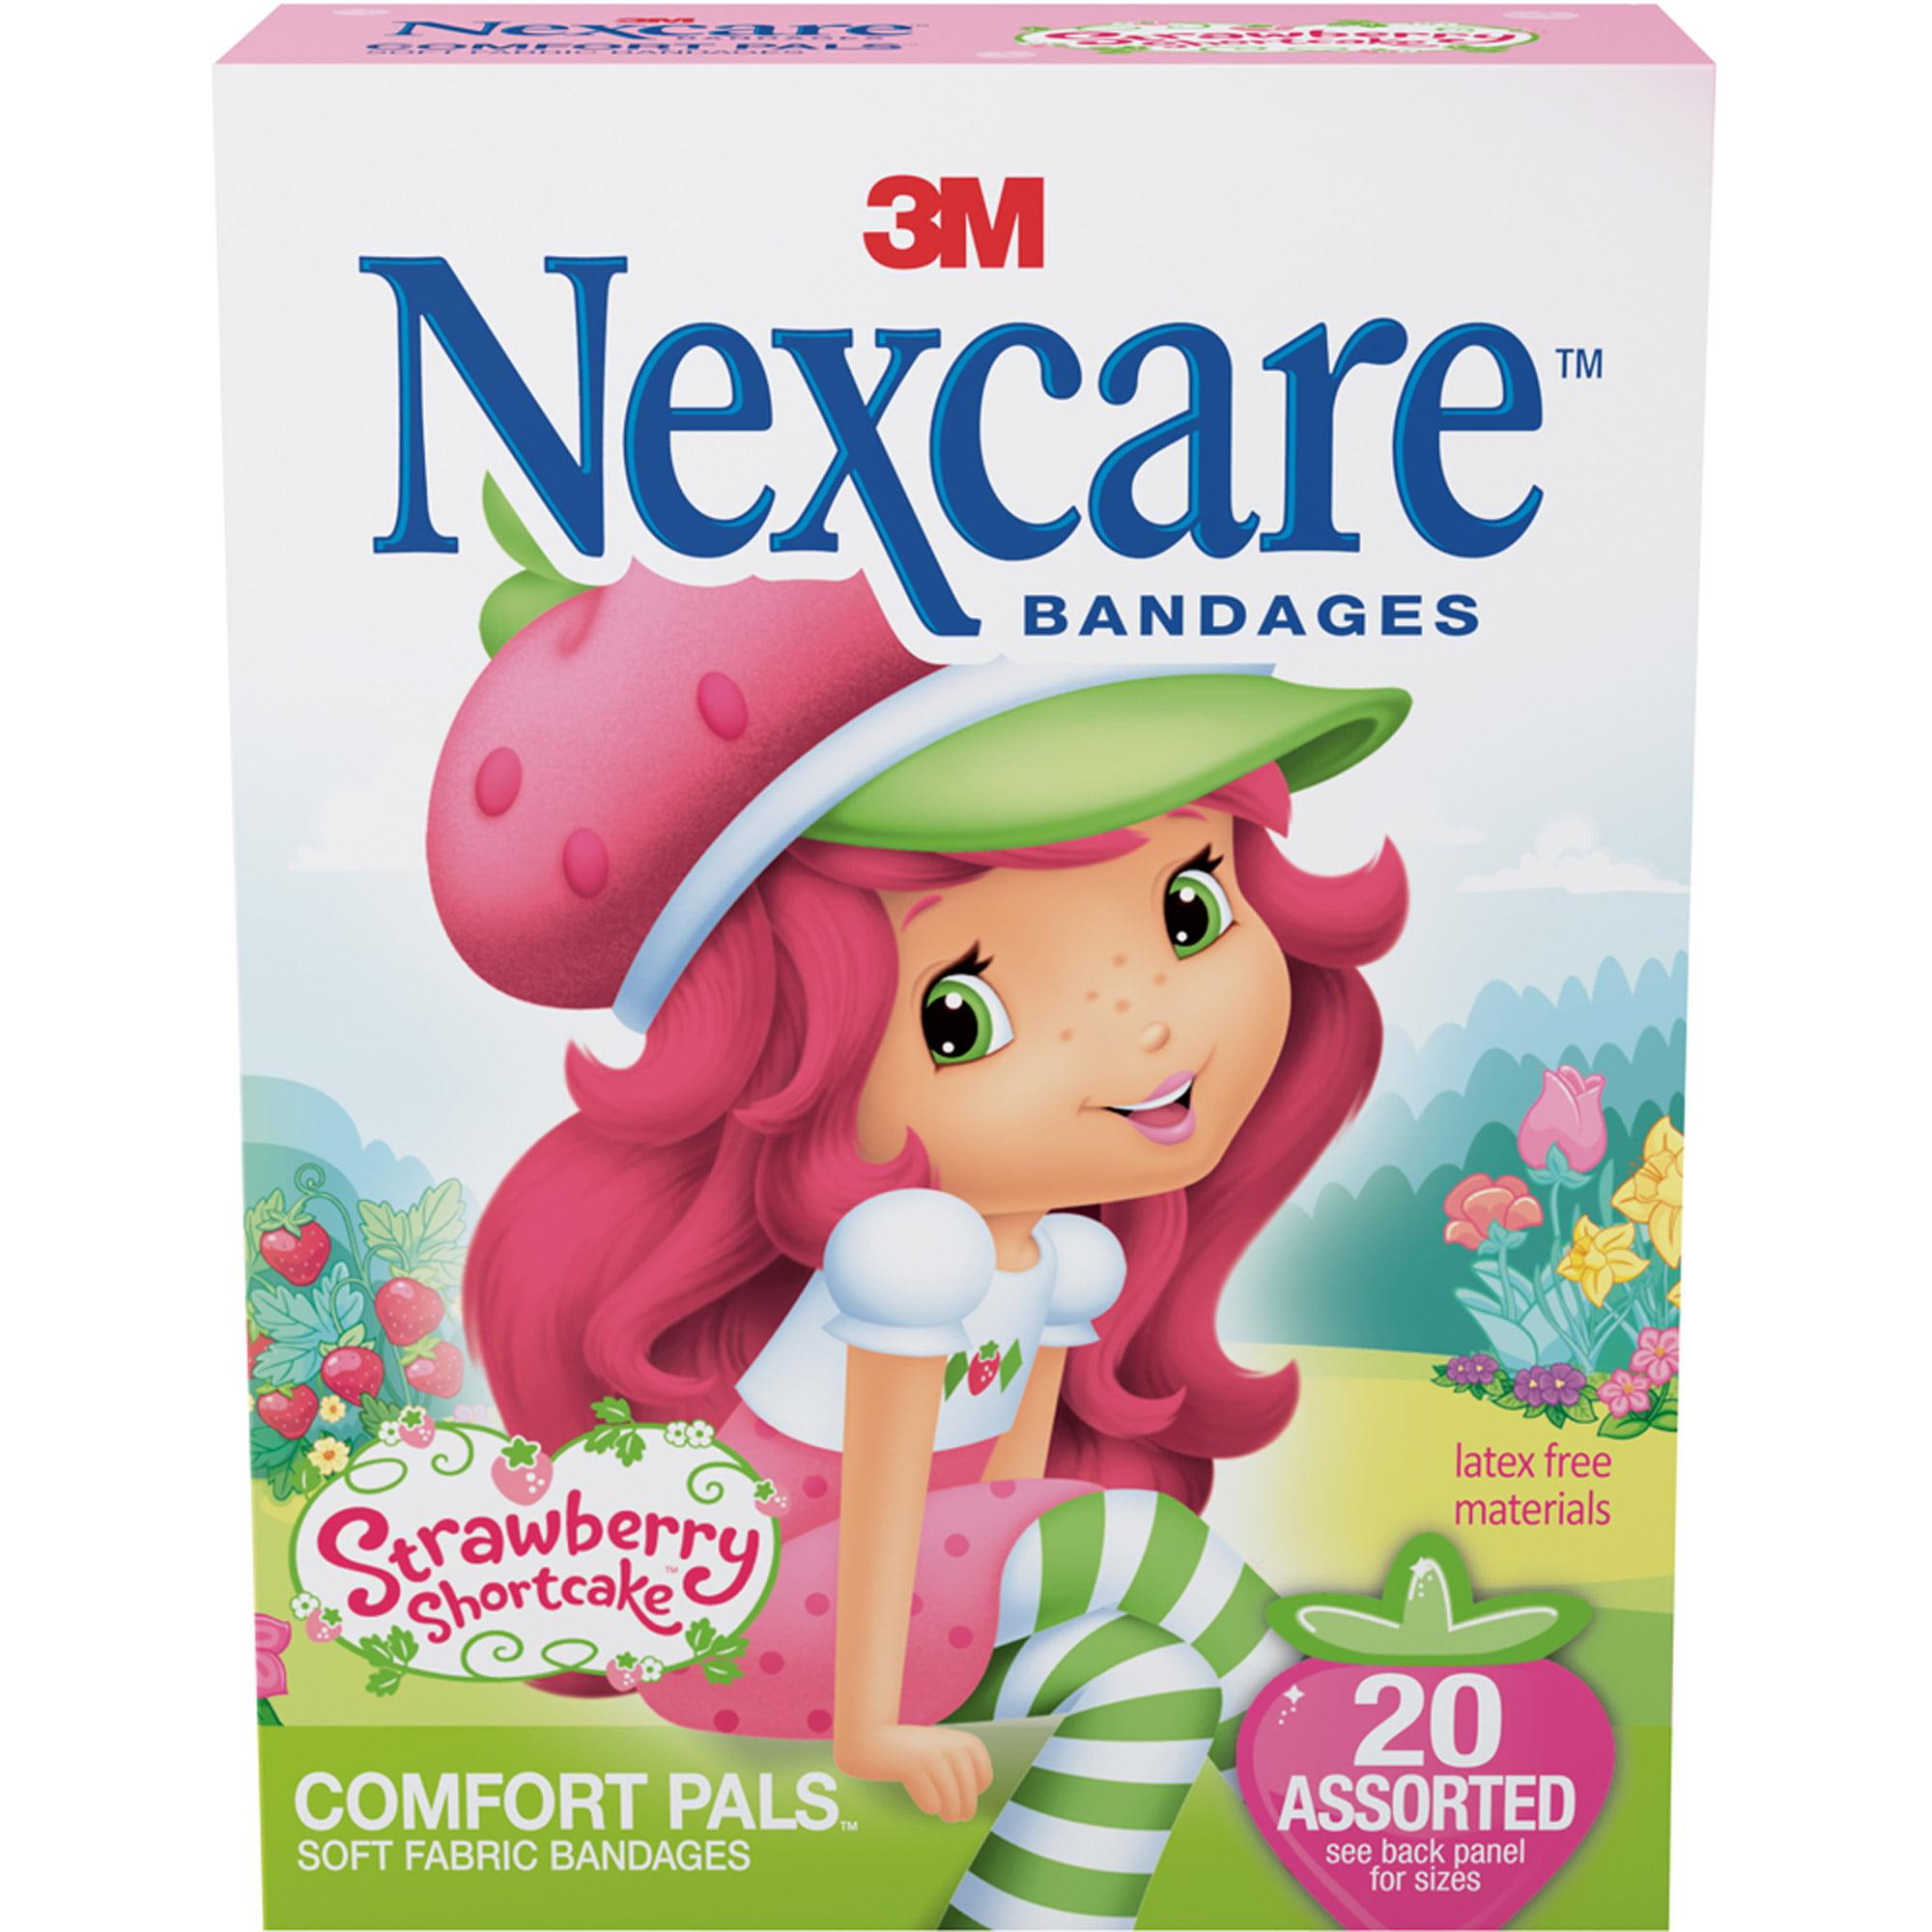 3M Nexcare Comfort Pals Bandages, 20 ea